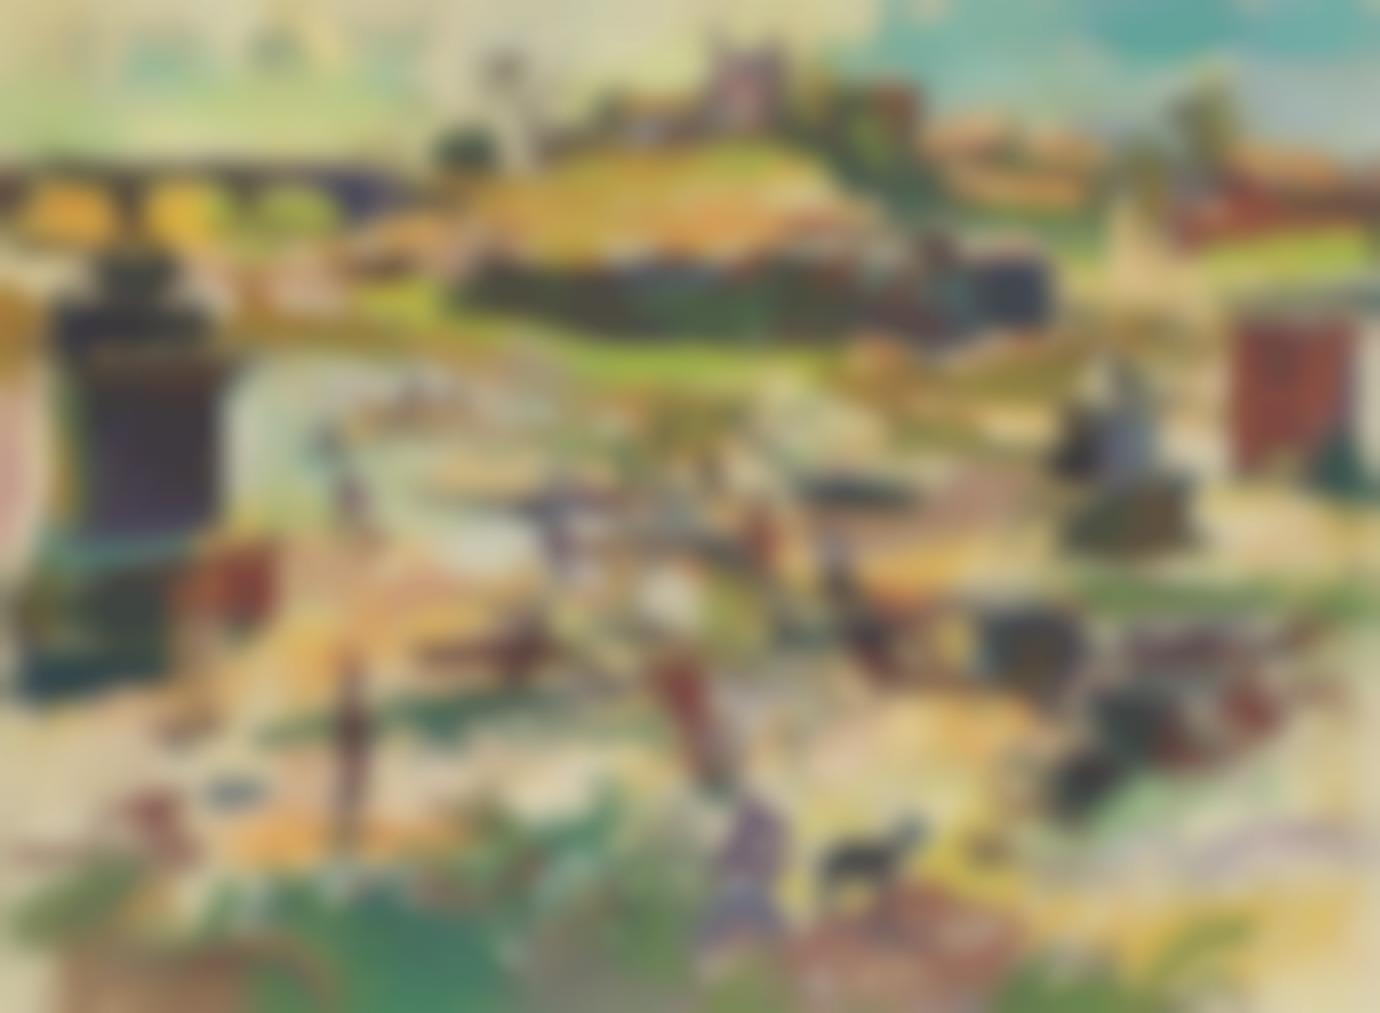 Walter Langhammer - Untitled (Landscape)-1940